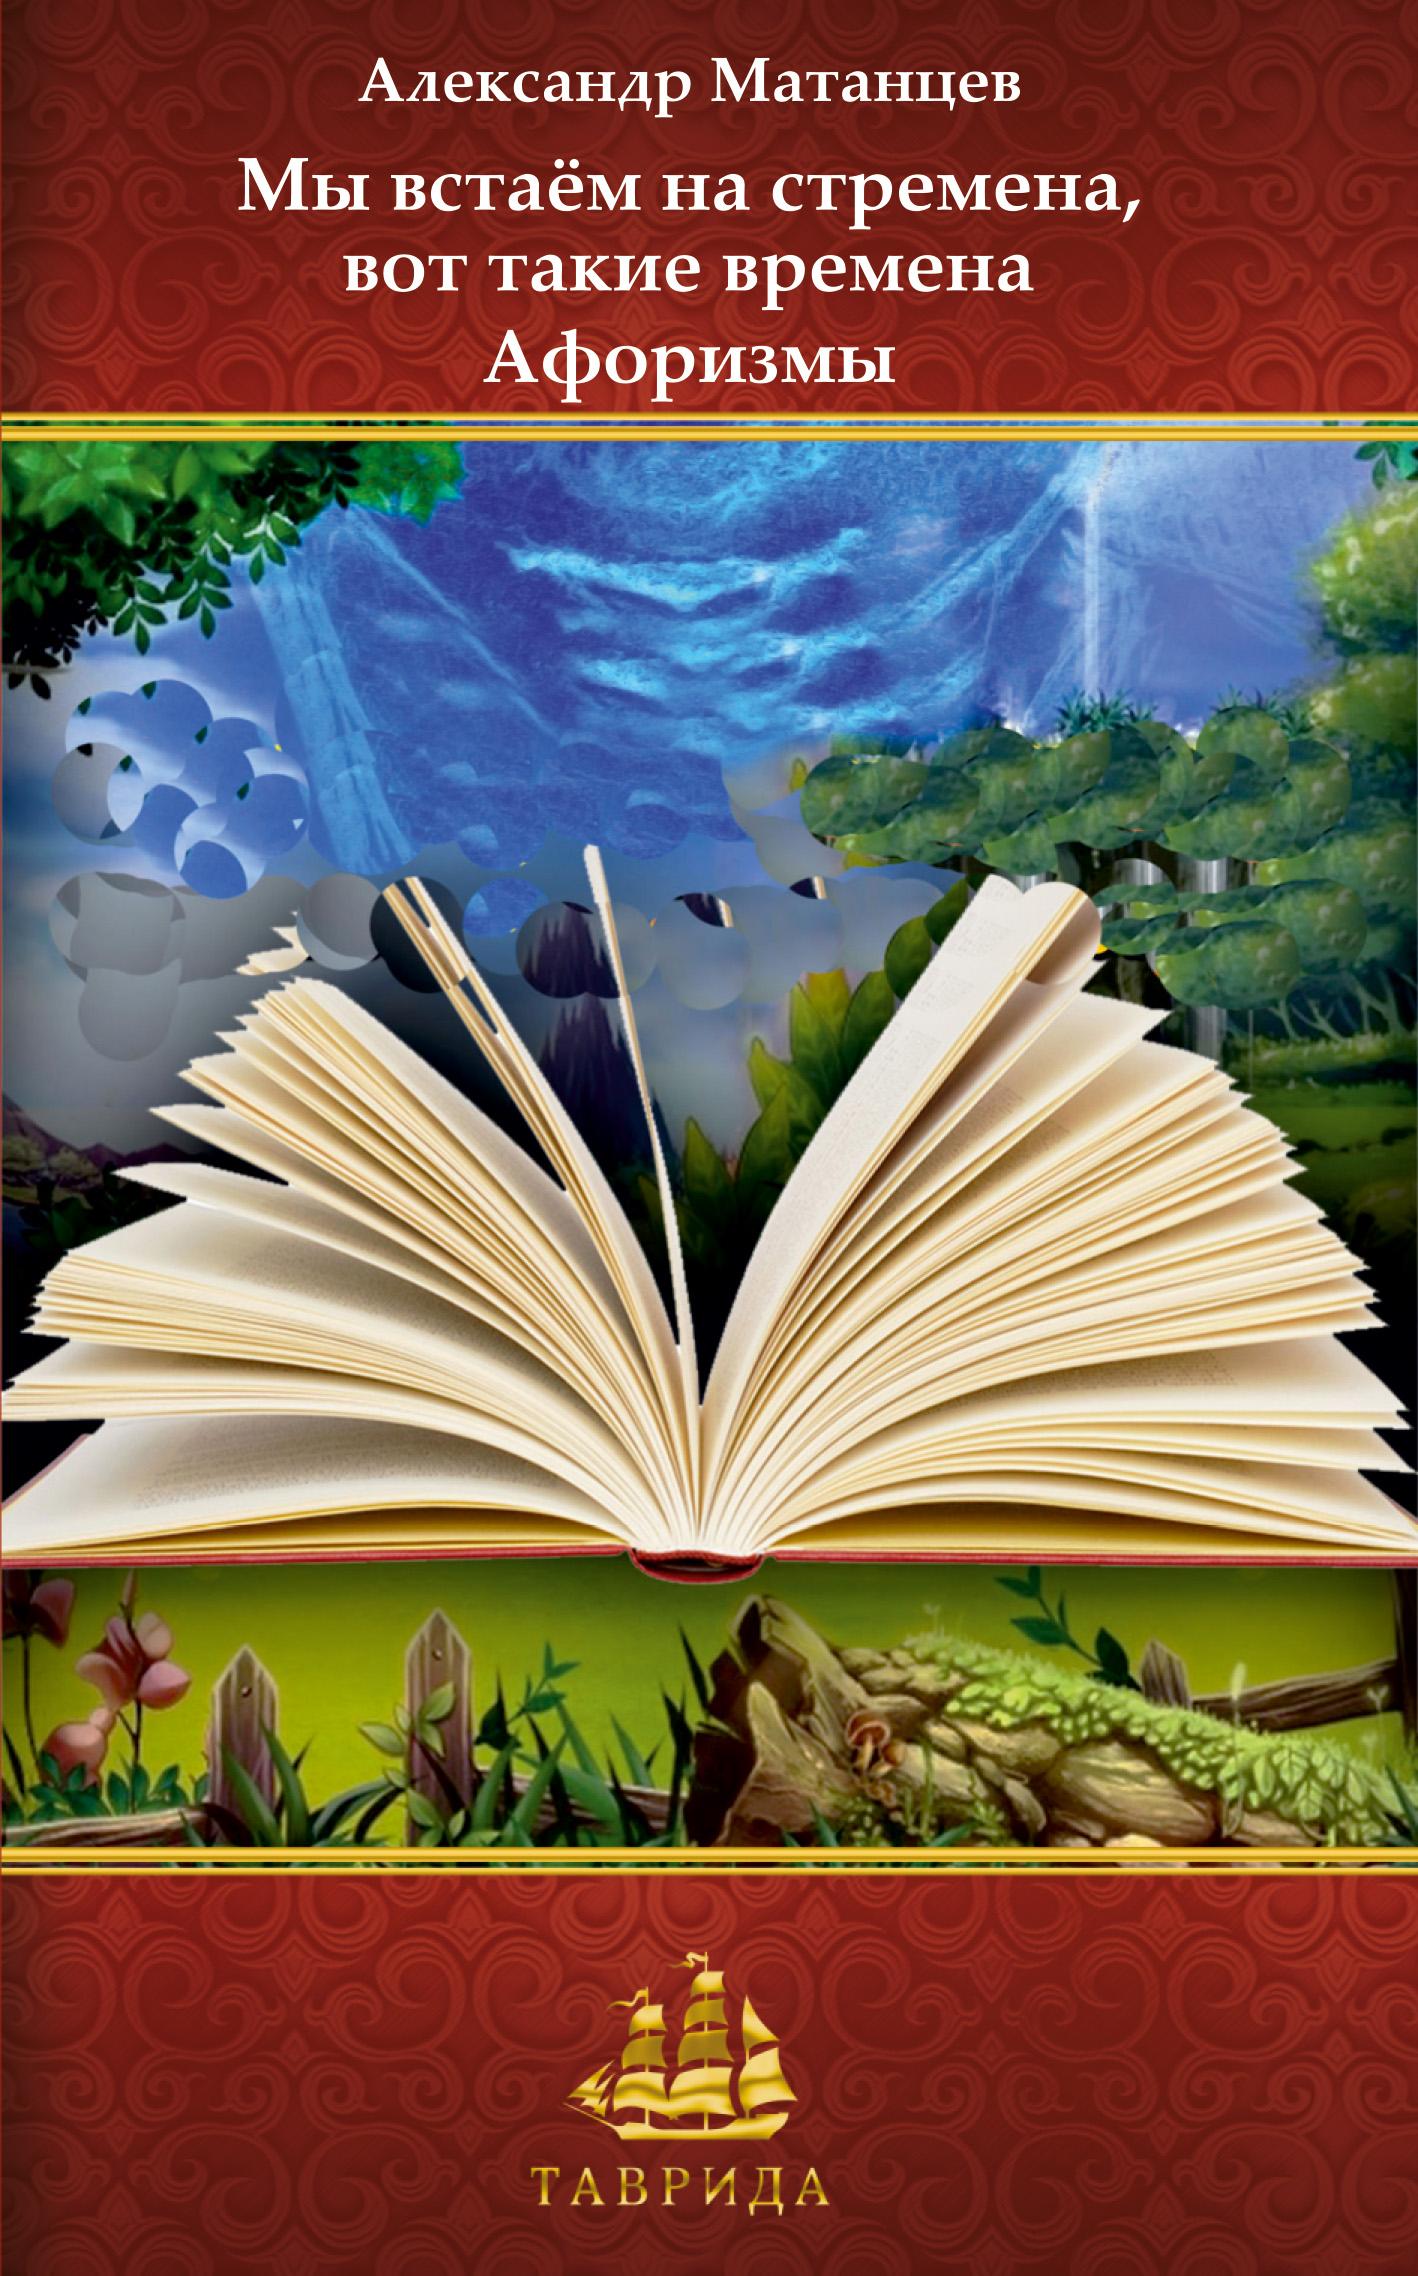 Купить книгу Мы встаем на стремена, вот такие времена. Афоризмы, автора Александра Николаевича Матанцева